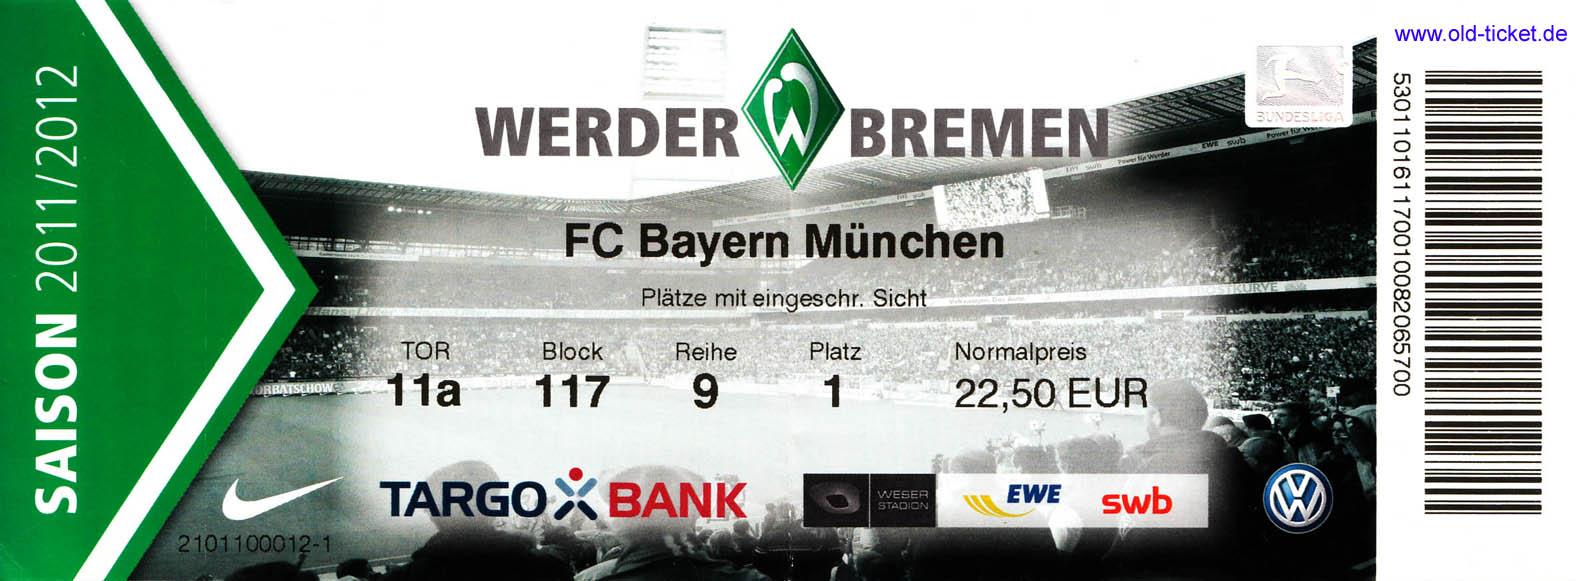 Werder Schalke Tickets